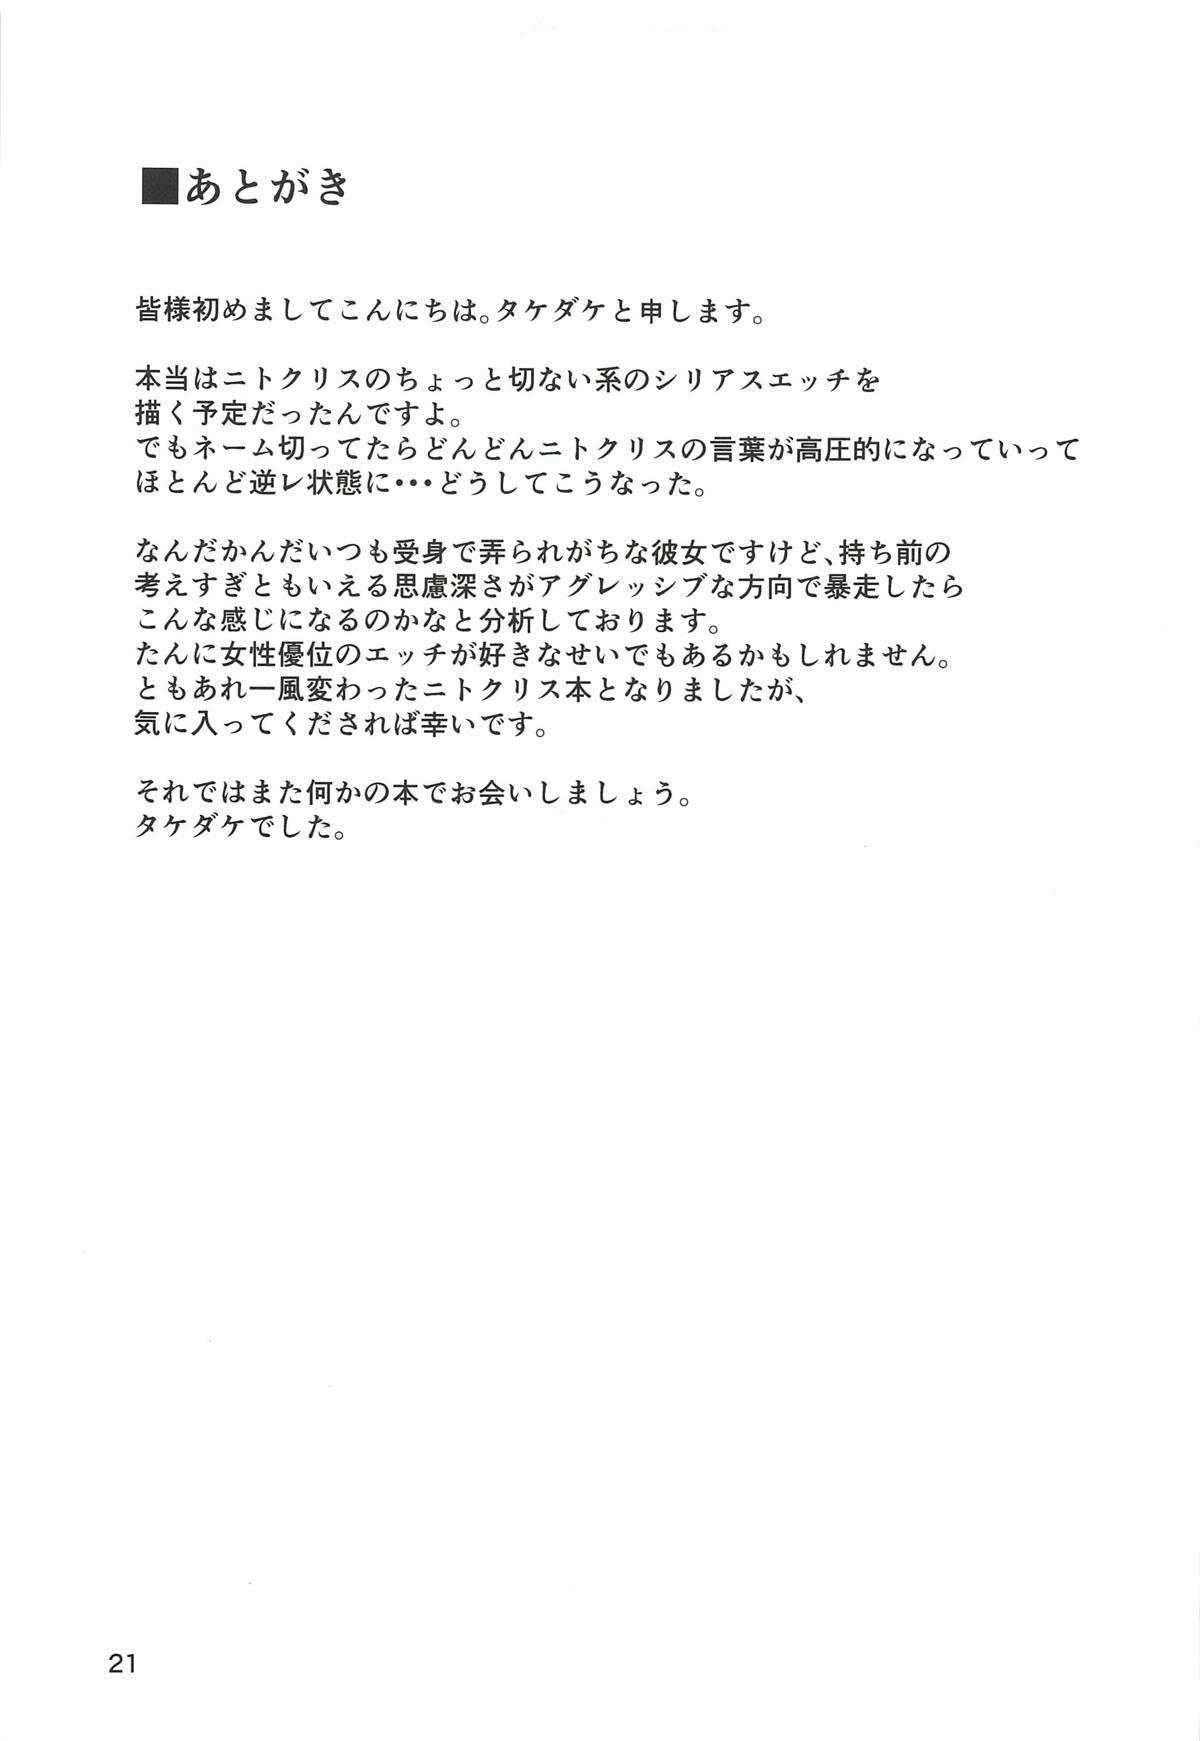 S-kke no Tsuyoi Nitocris 19